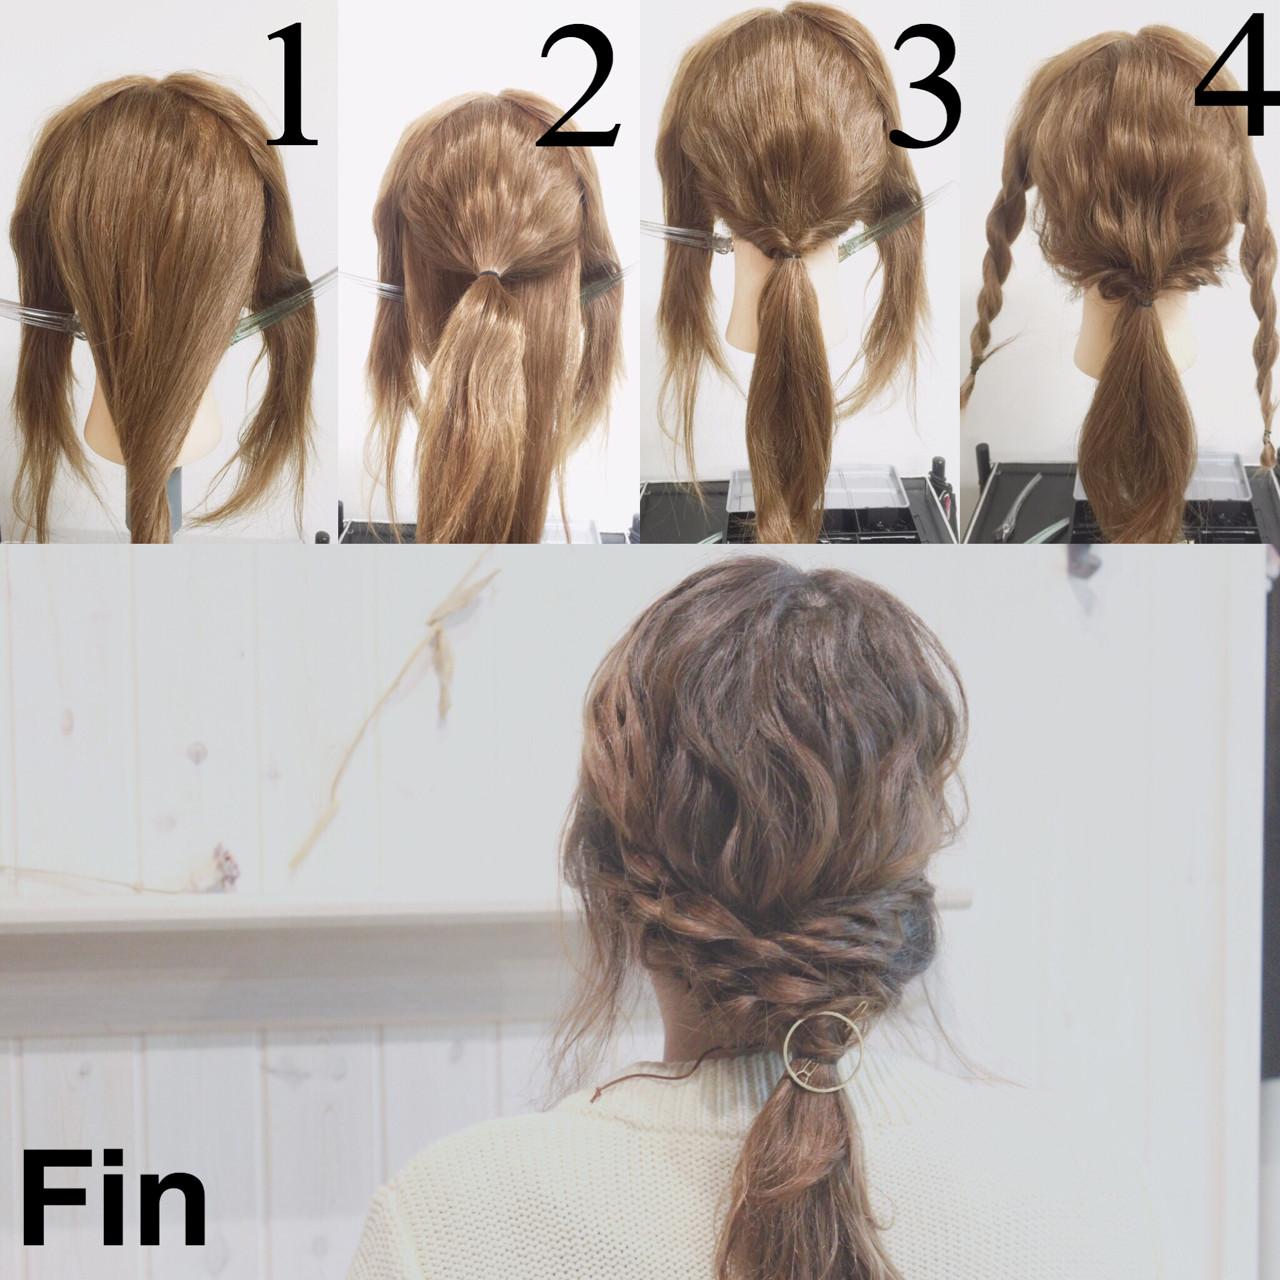 ショート ミディアム 大人かわいい フェミニン ヘアスタイルや髪型の写真・画像 | 馬渡 次郎 / corsair